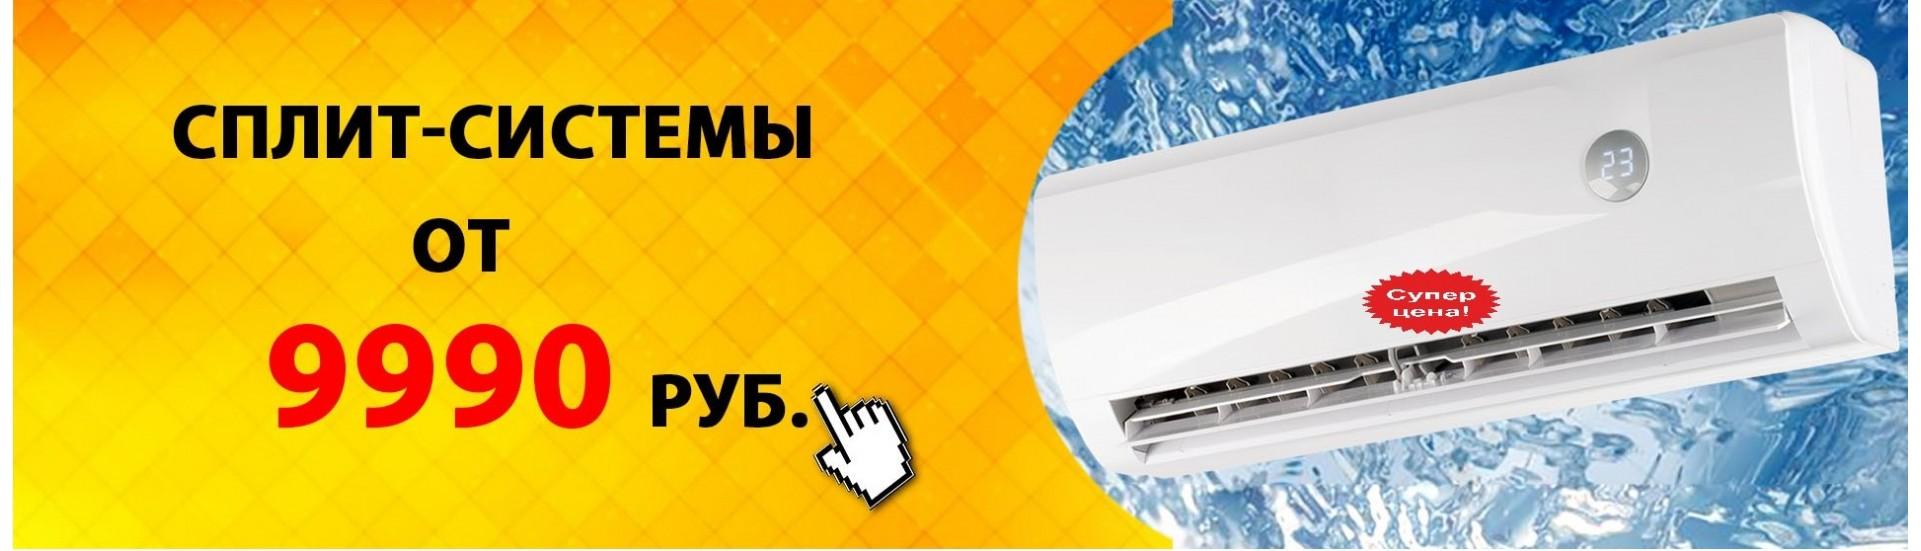 Сплит-системы от 9990 рублей